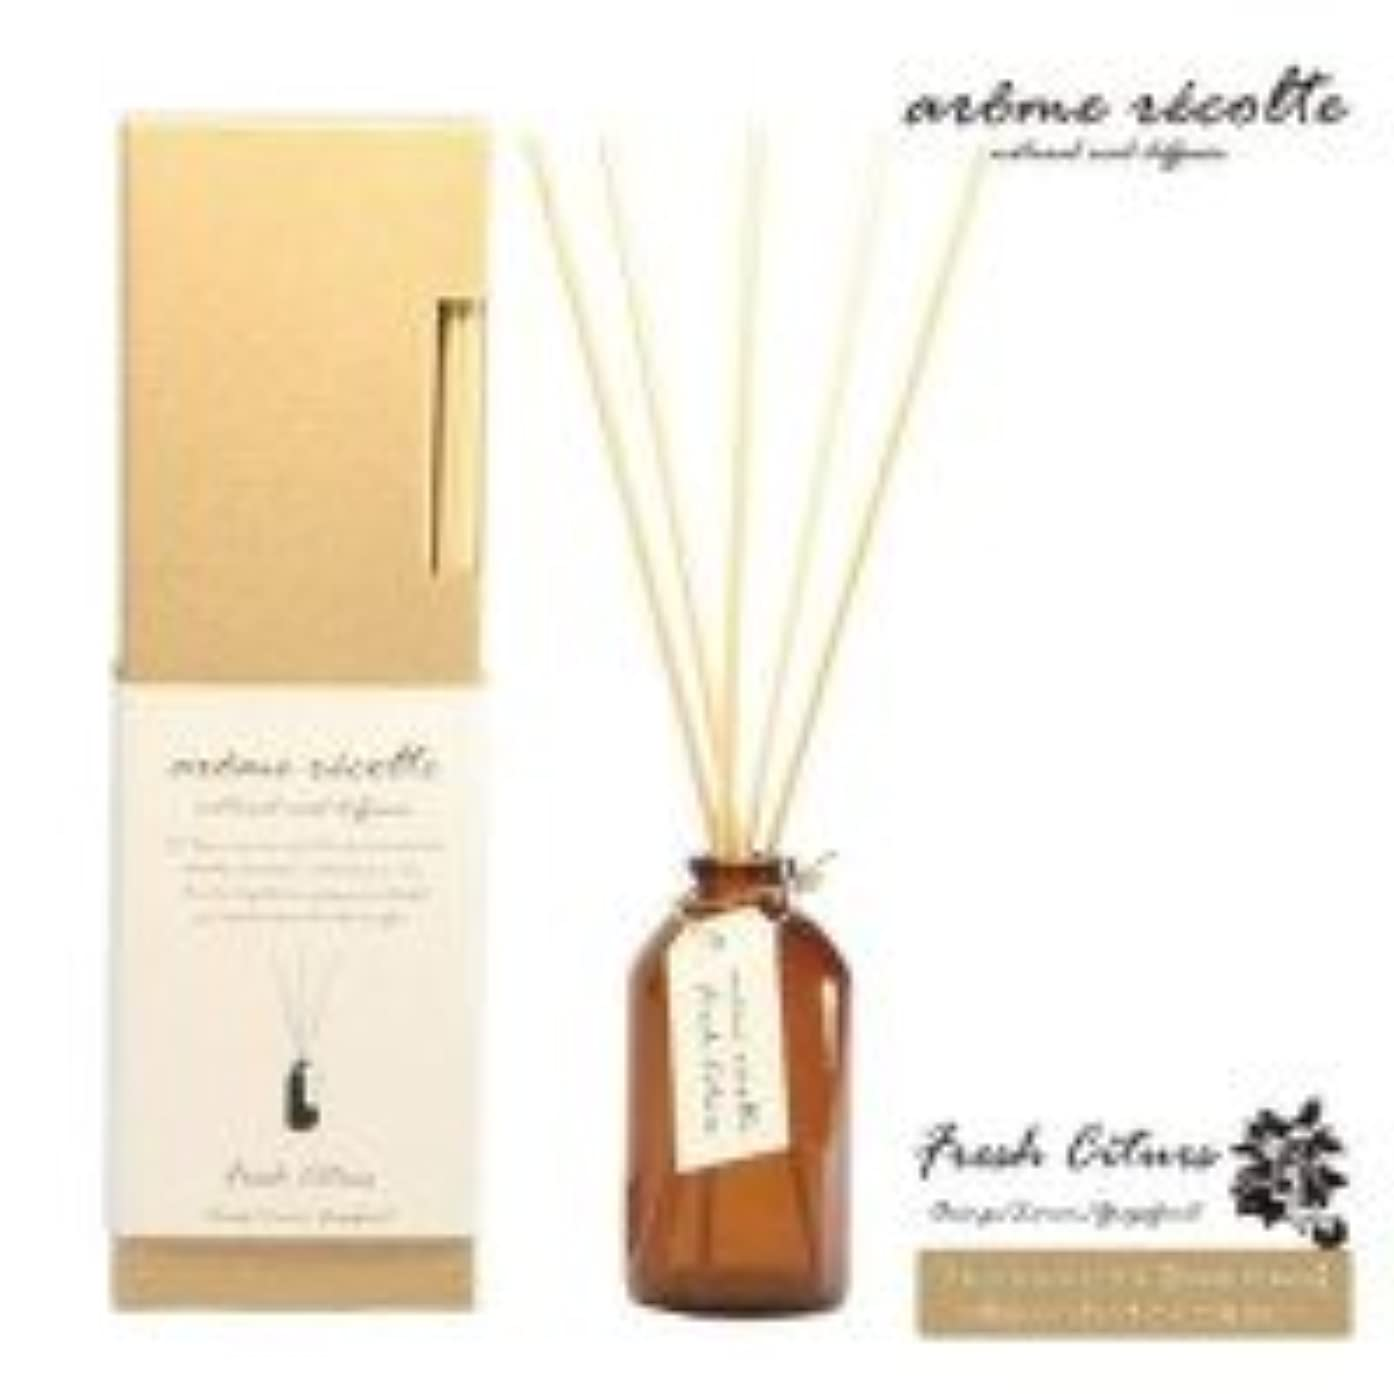 極小ましい森林アロマレコルト ナチュラルアロマディフューザー  フレッシュシトラス【Fresh Citurs】 arome rcolte